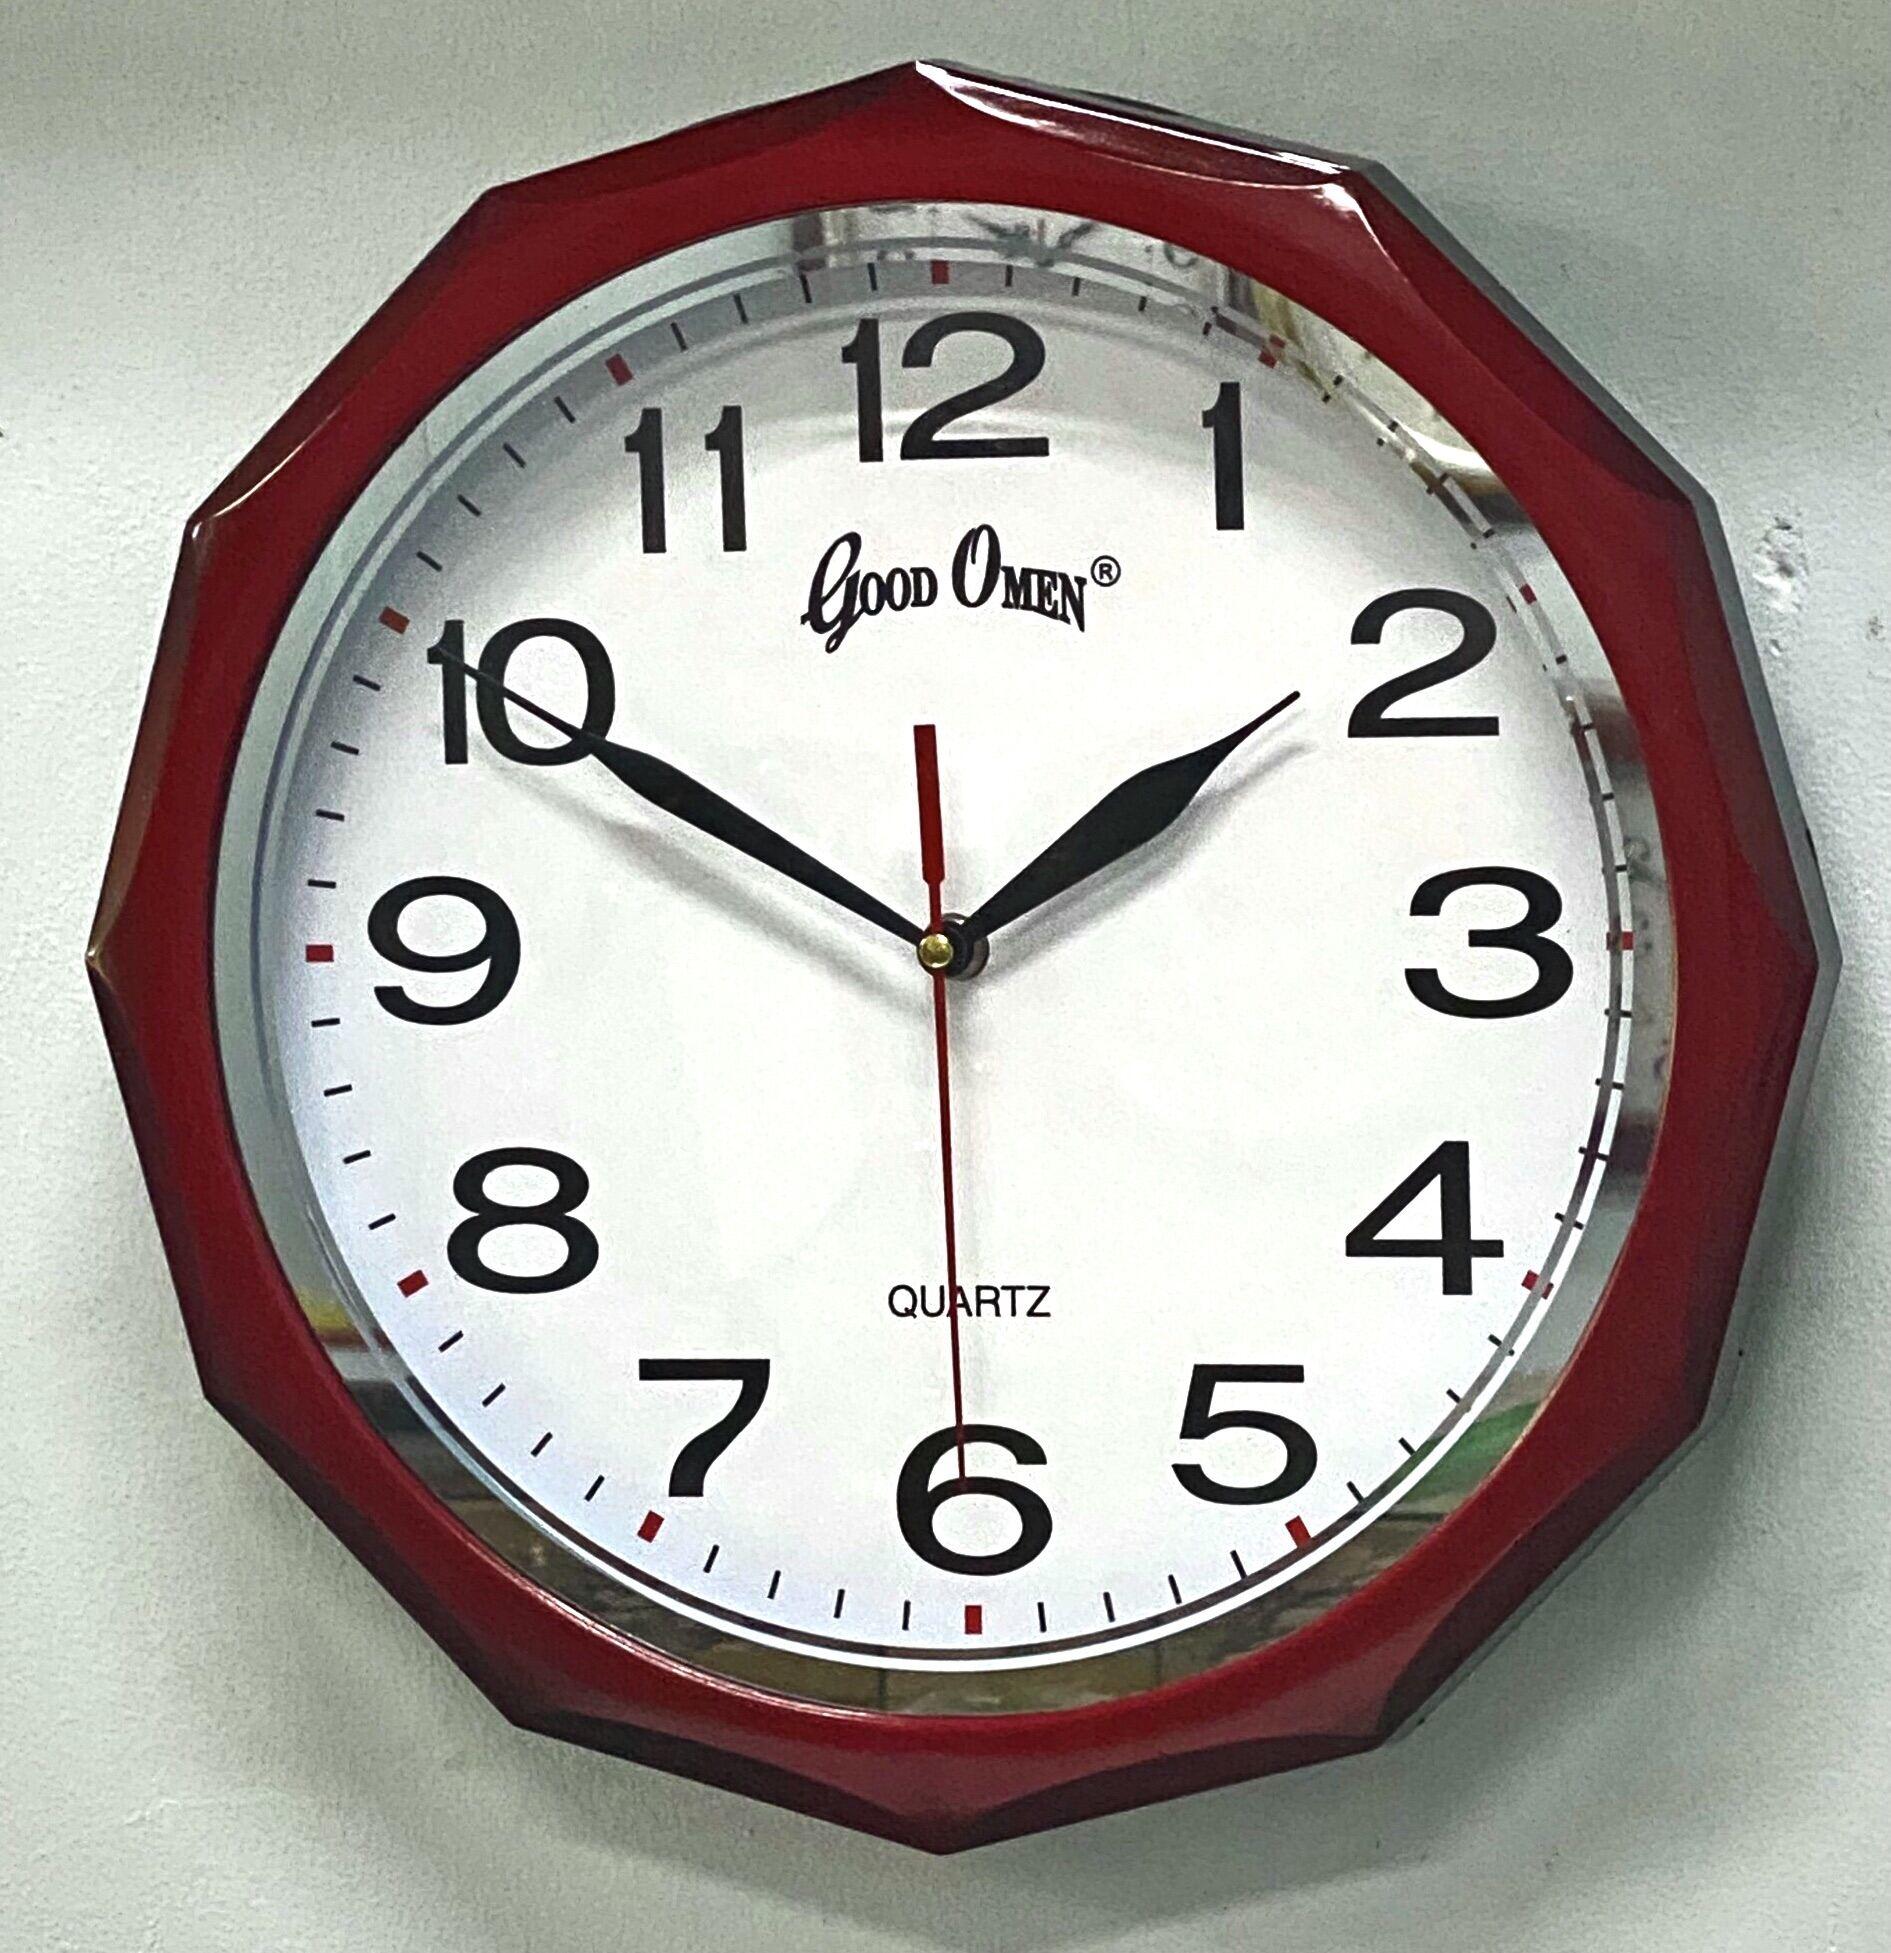 Đồng hồ treo tường Good Omen bán chạy